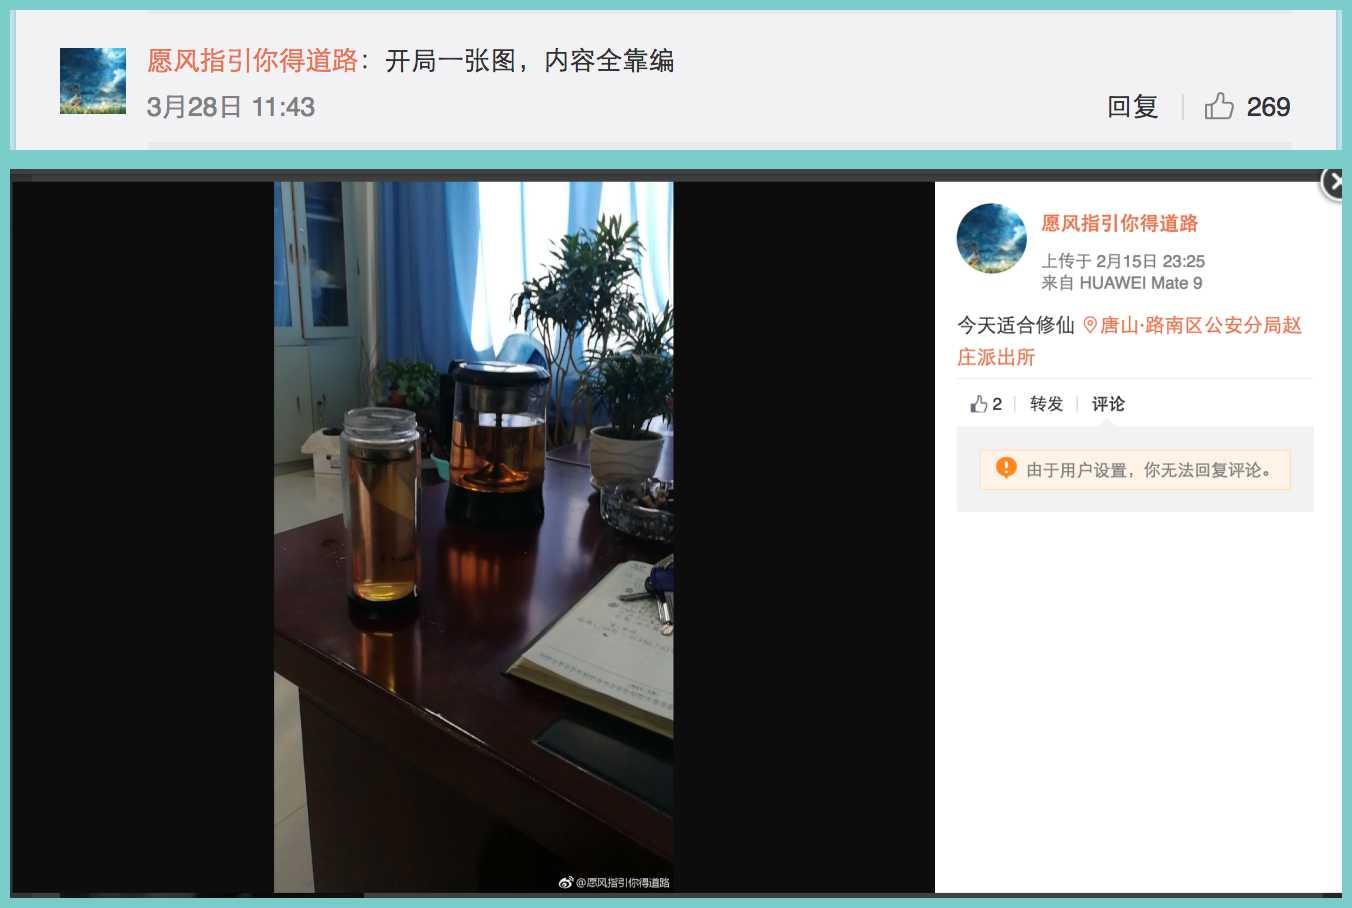 一些污衊賀延光「造謠」的微博帳號疑似為中共的公安警察。(中國數字時代擷圖)